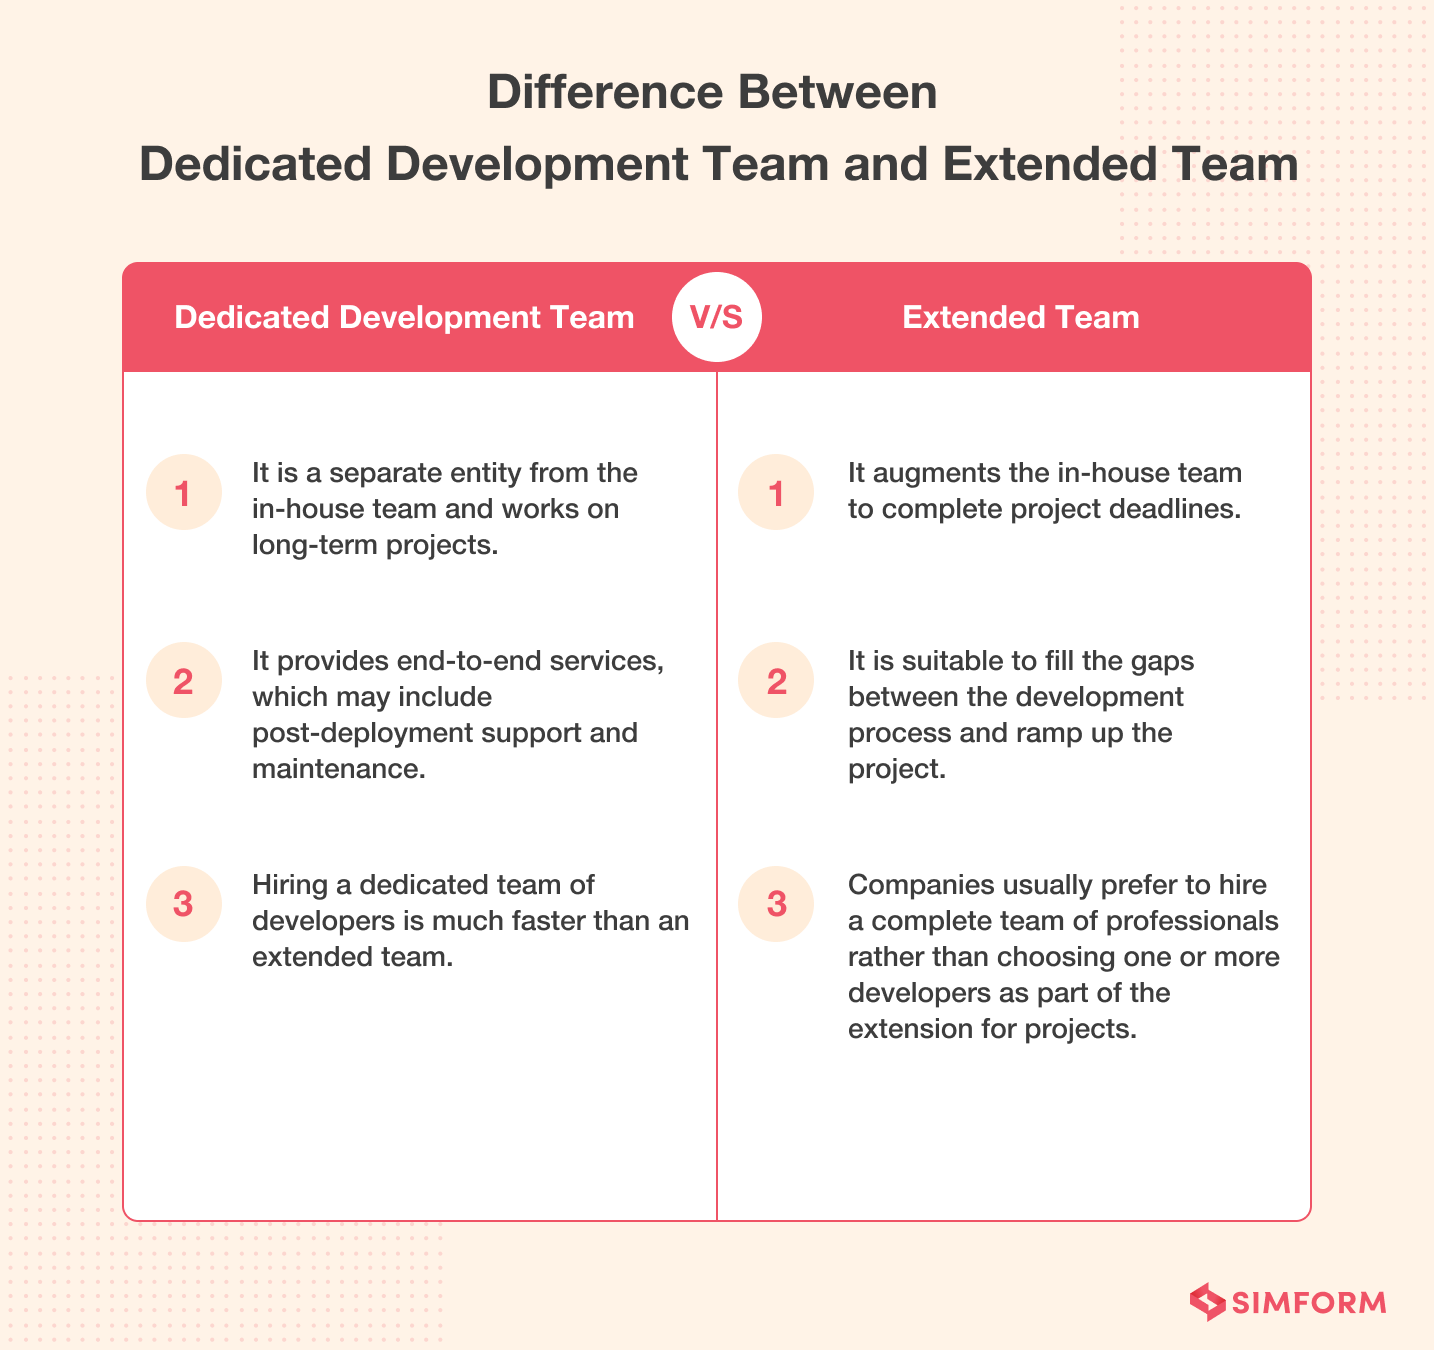 Dedicated development team vs extended team